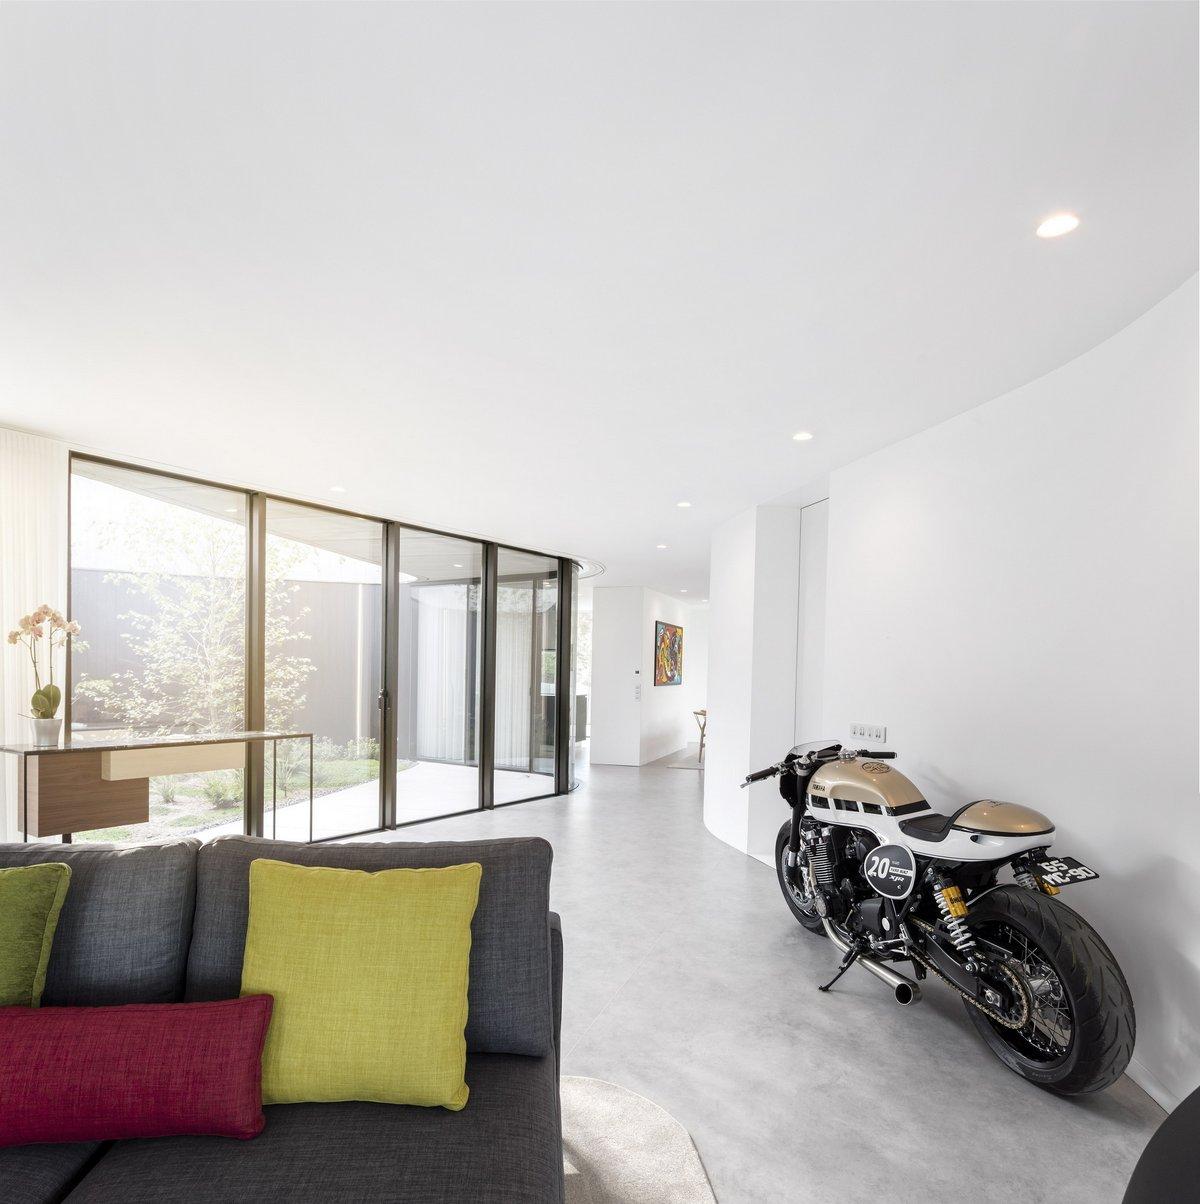 Мотоцикл в интерьере дома